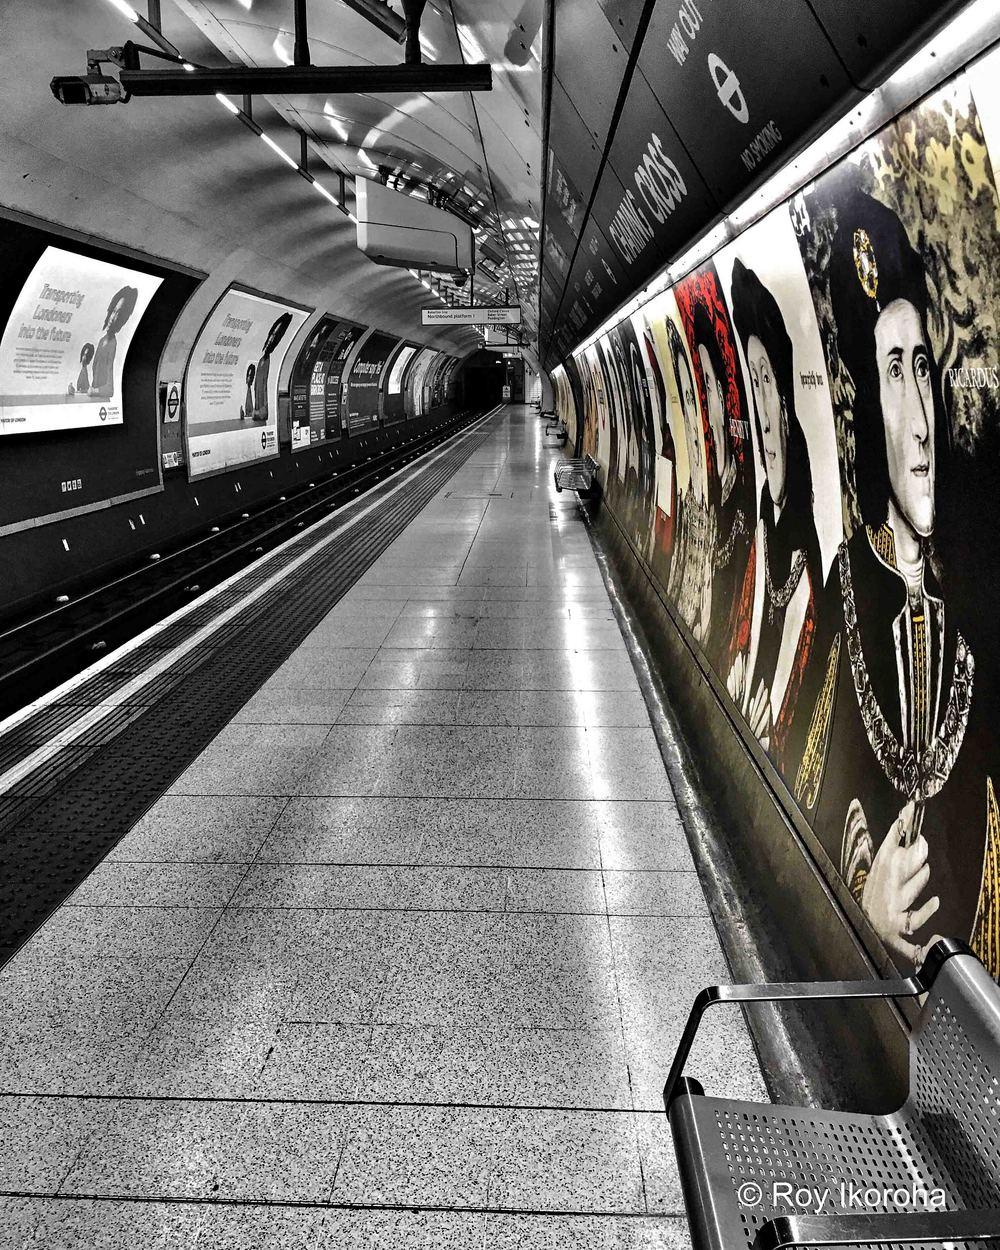 Along the platform at Charing Cross tube station, London